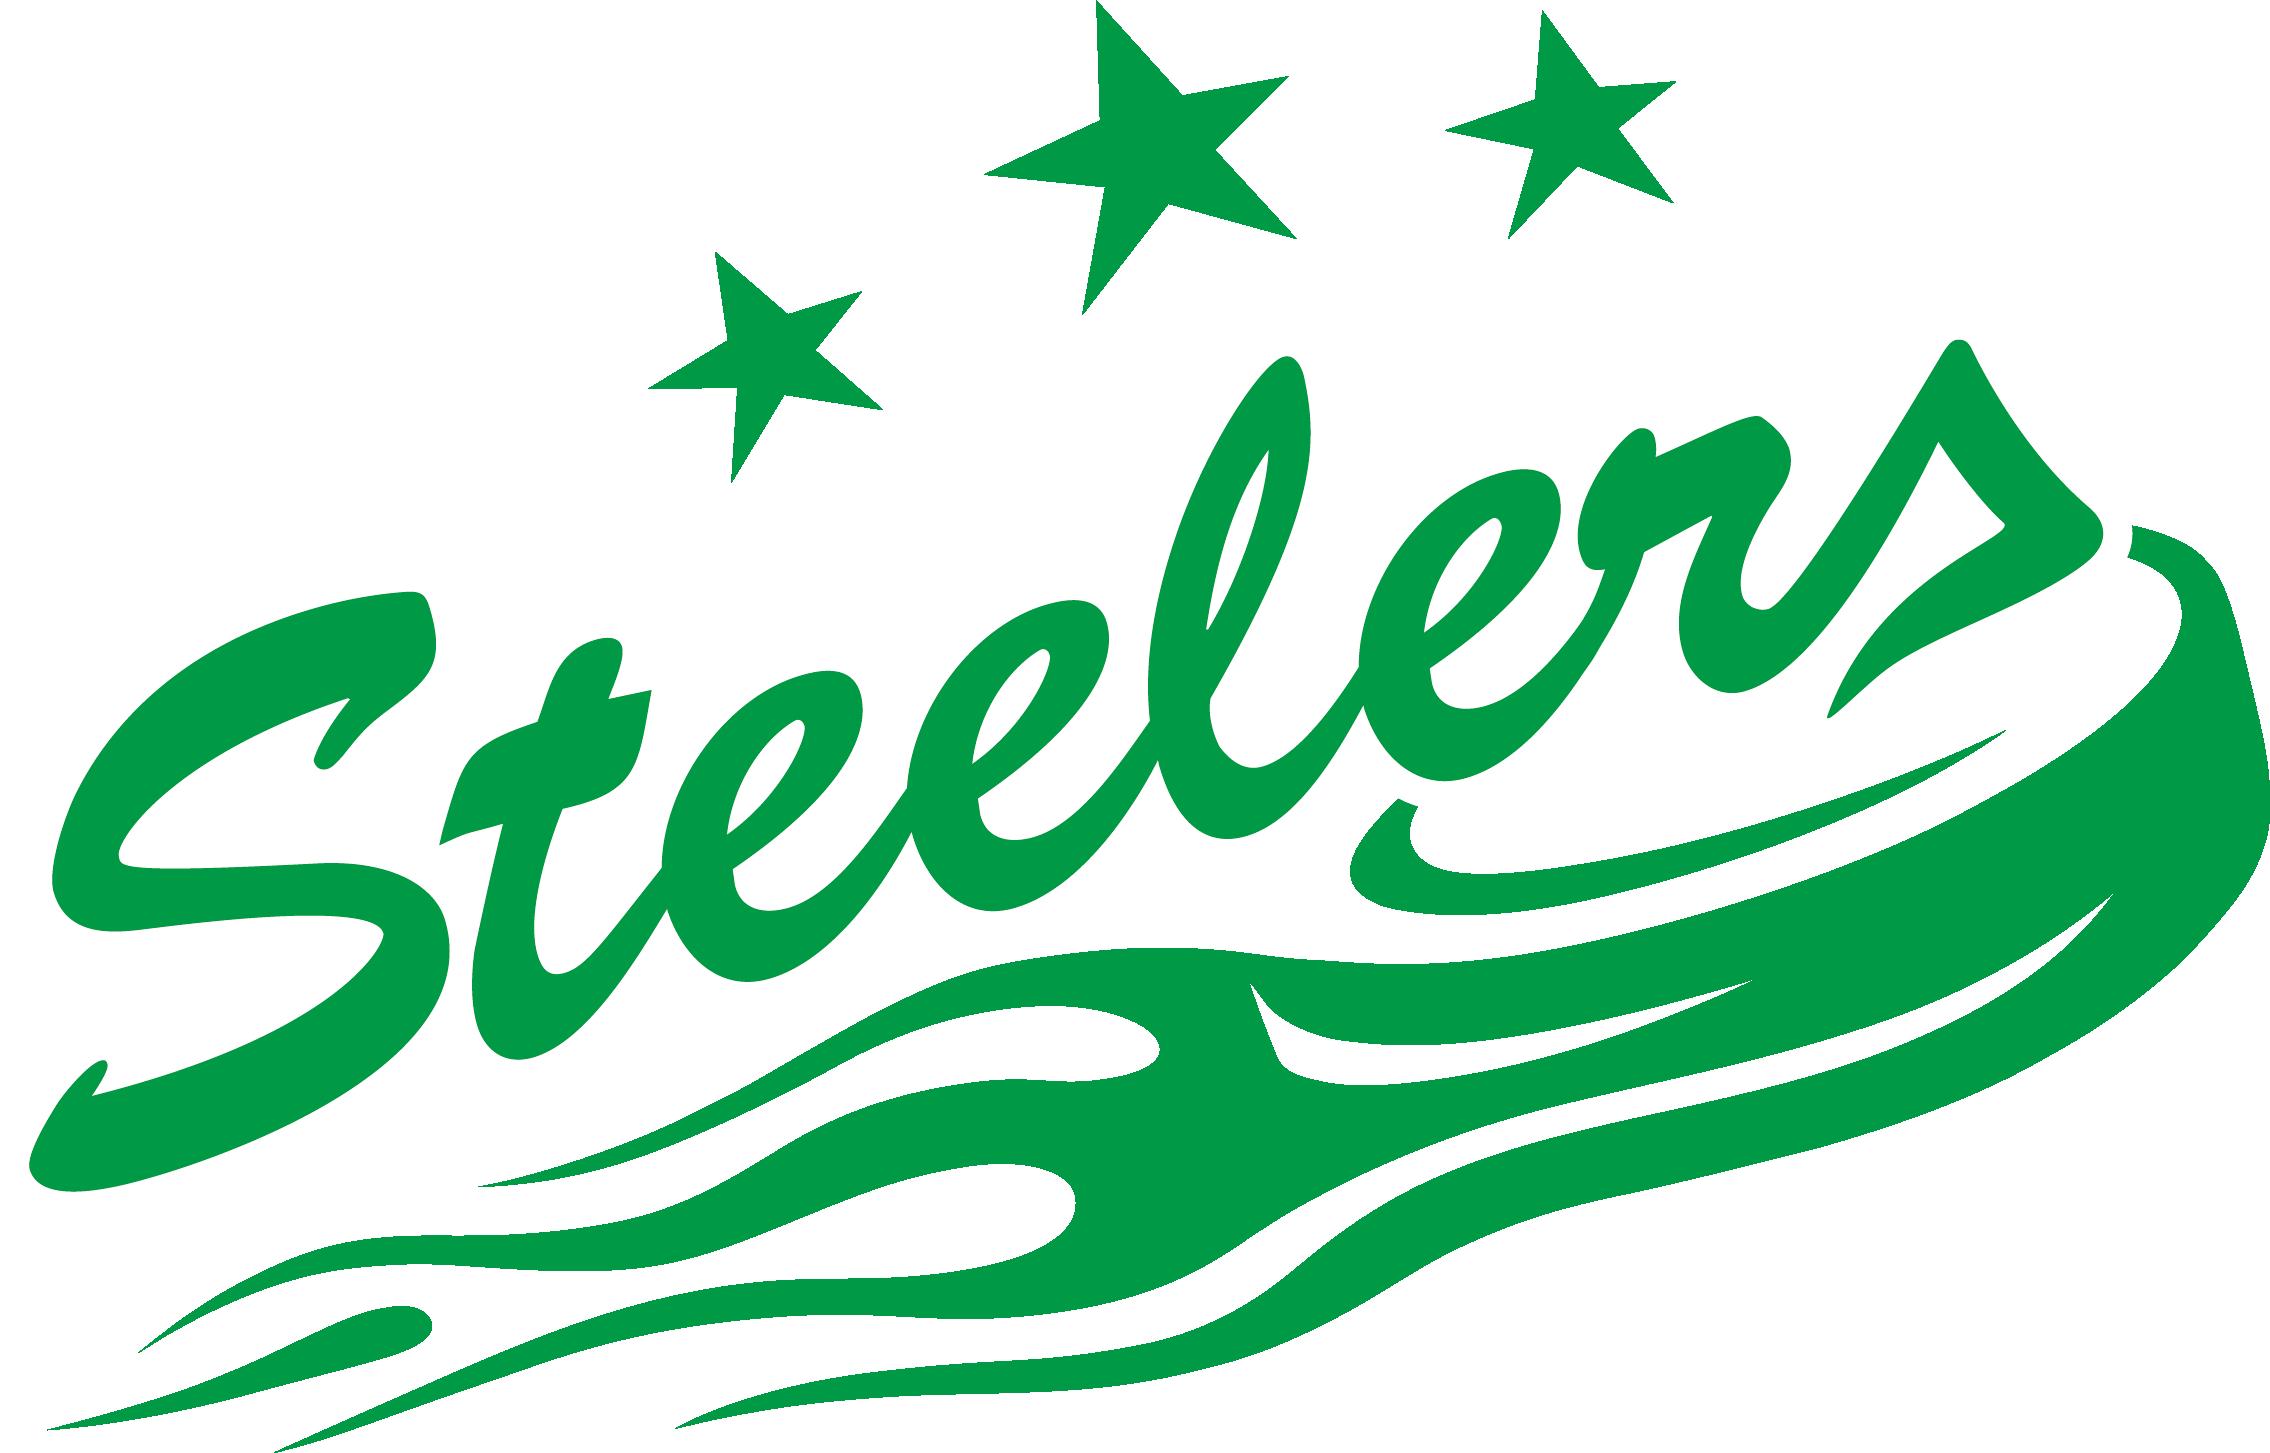 Steelers Bietigheim - Online-Shop